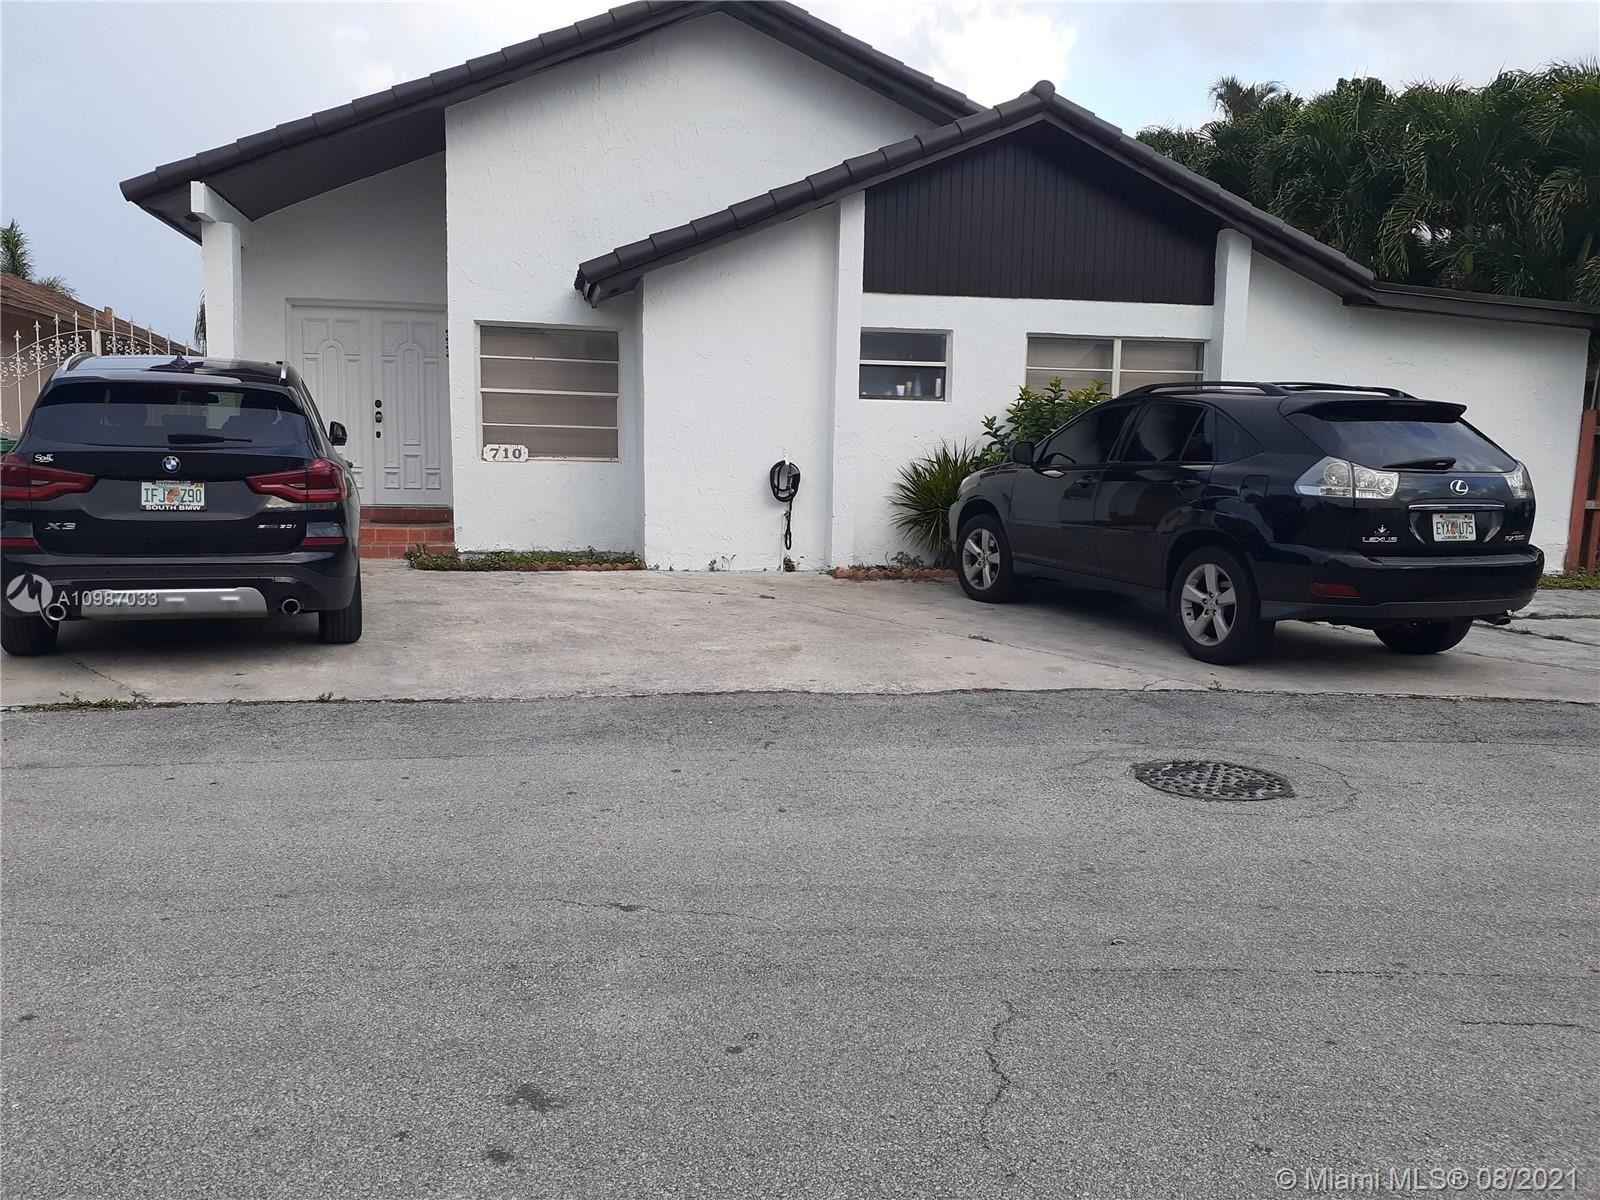 710 SW 99th Ct Cir, Miami, FL 33174 - #: A10987033